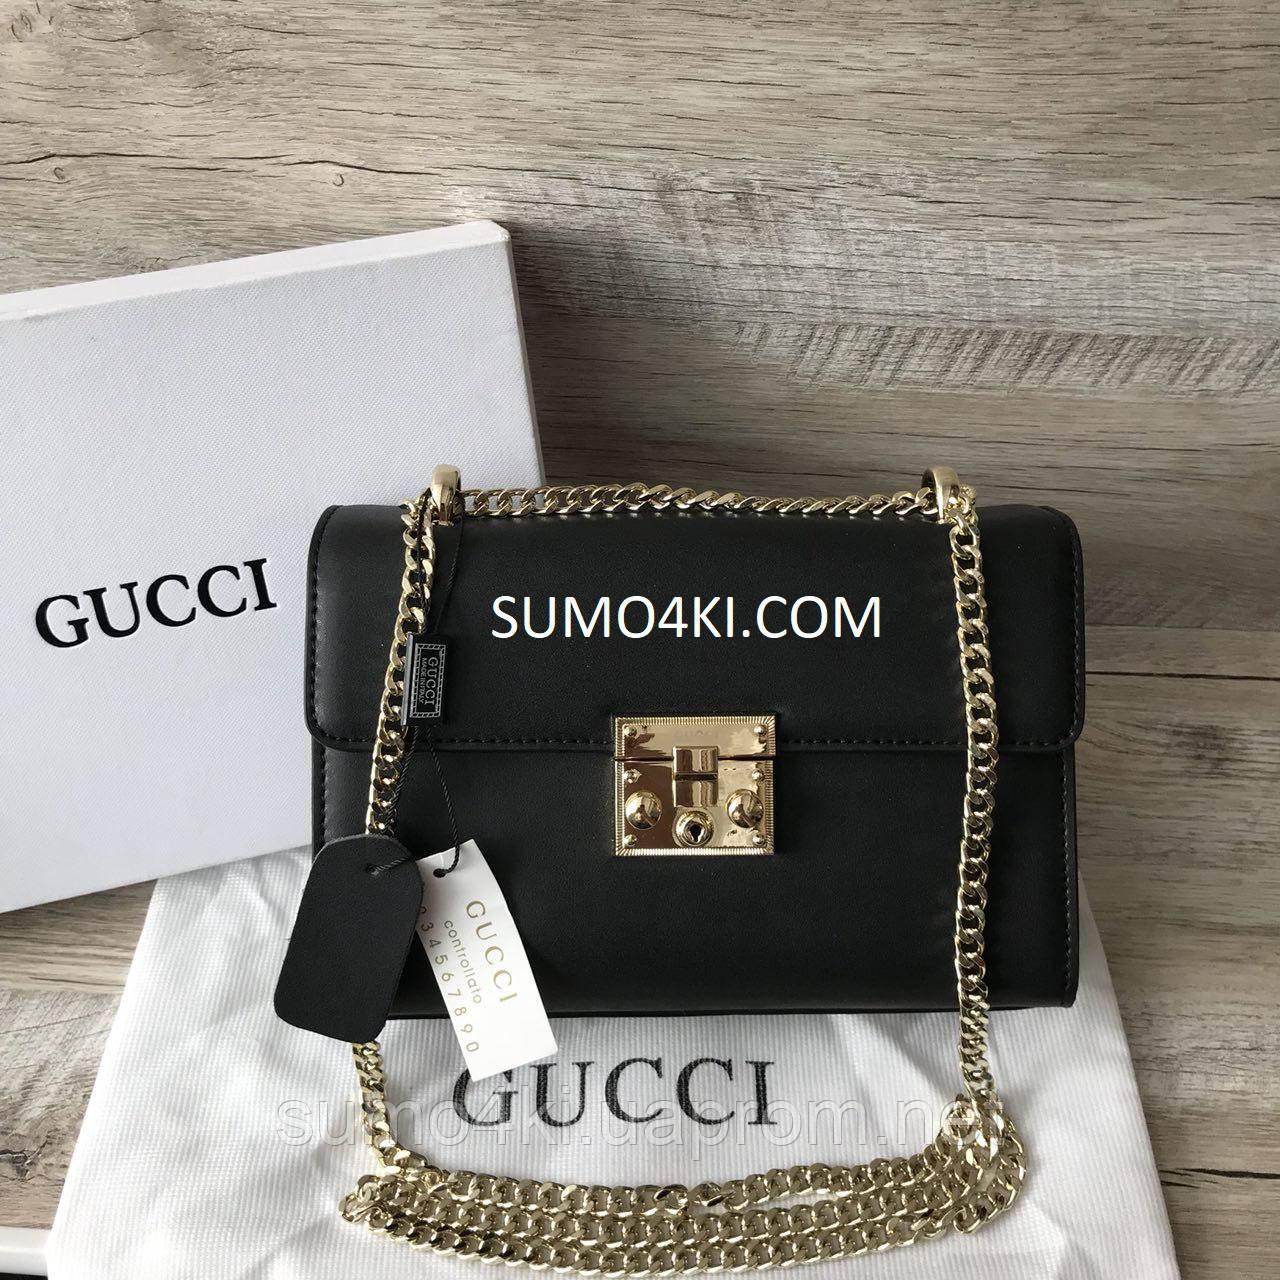 Купить Крутую женскую кожаную сумку Gucci Гуччи оптом и в розницу в ... 3e2df9a1fca